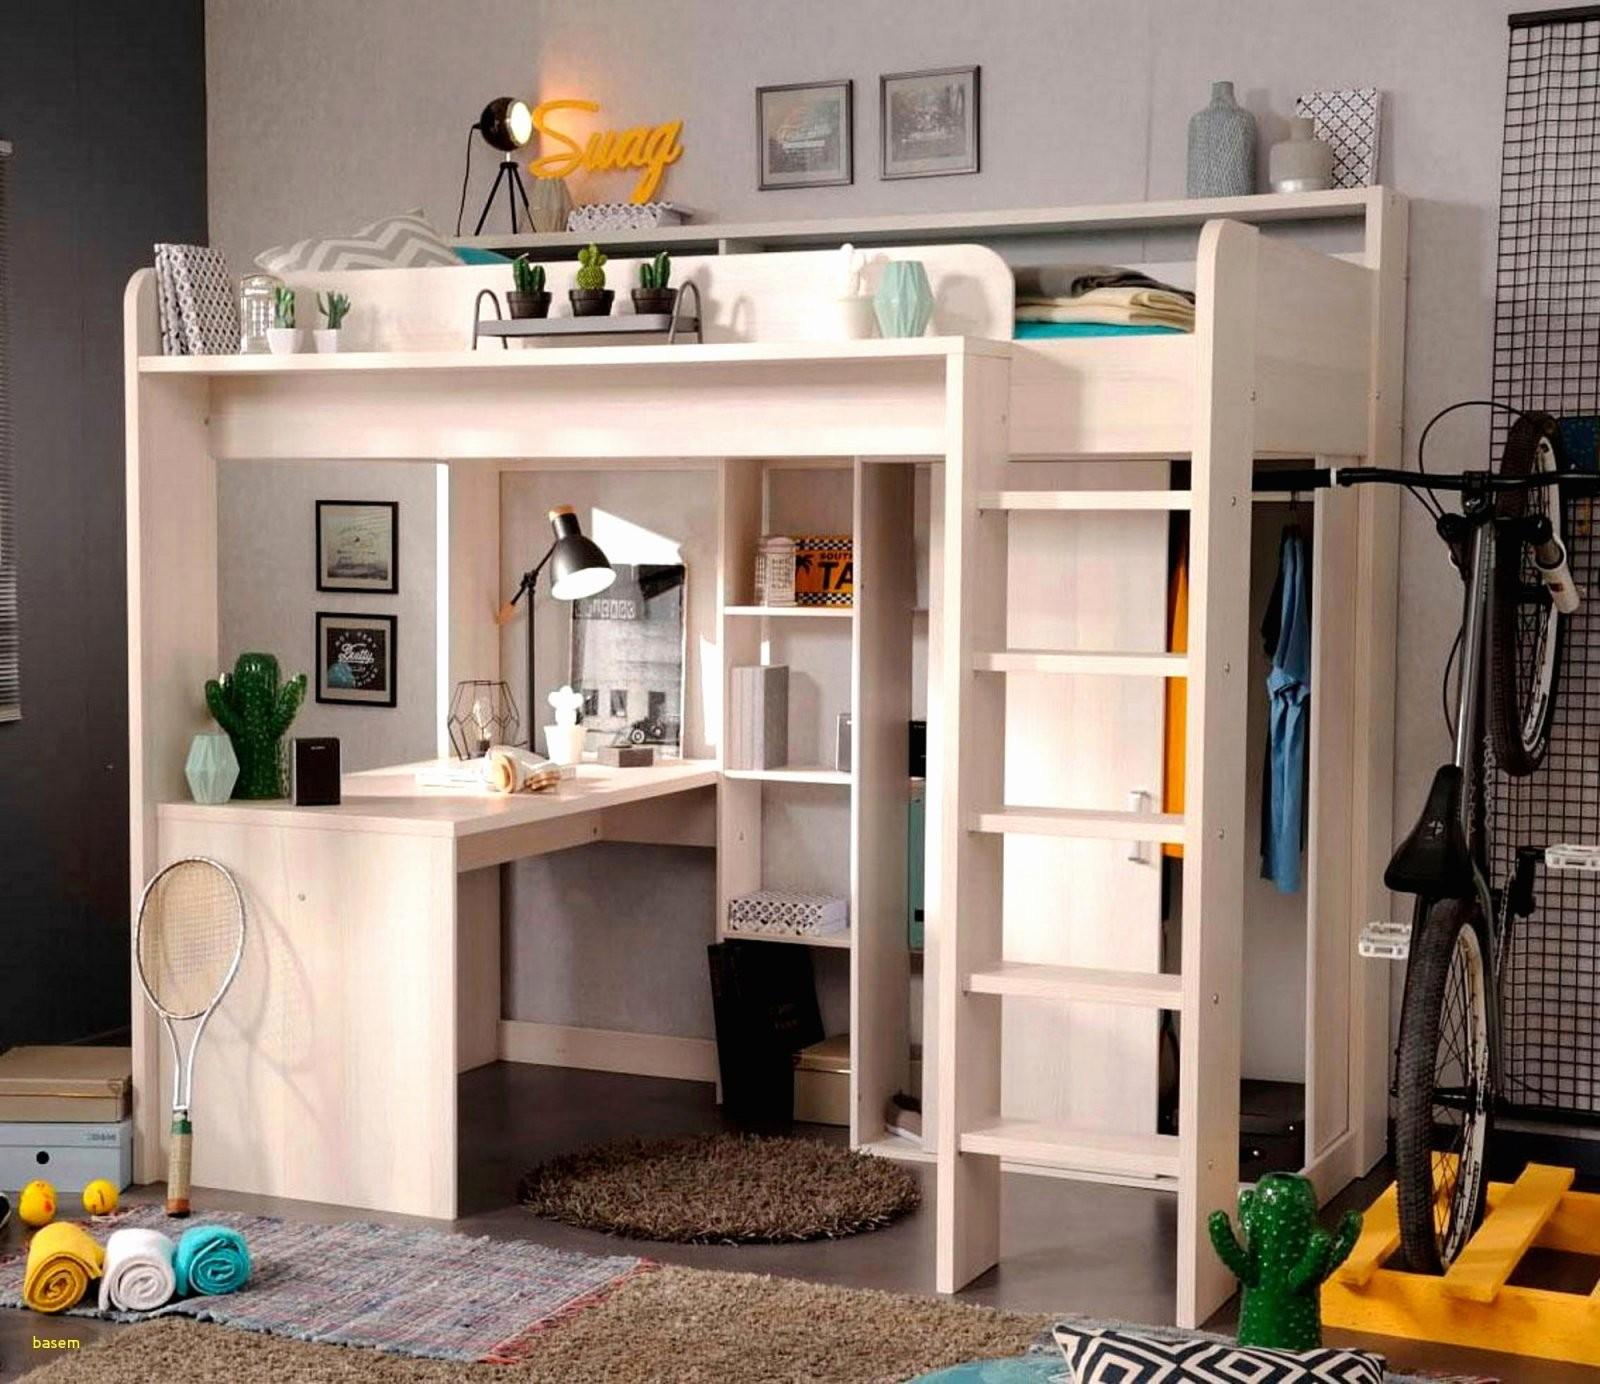 Hochbett Für Erwachsene Ikea Luxus Hochbett Erwachsene Wohnzimmer von Ikea Hochbett Für Erwachsene Bild